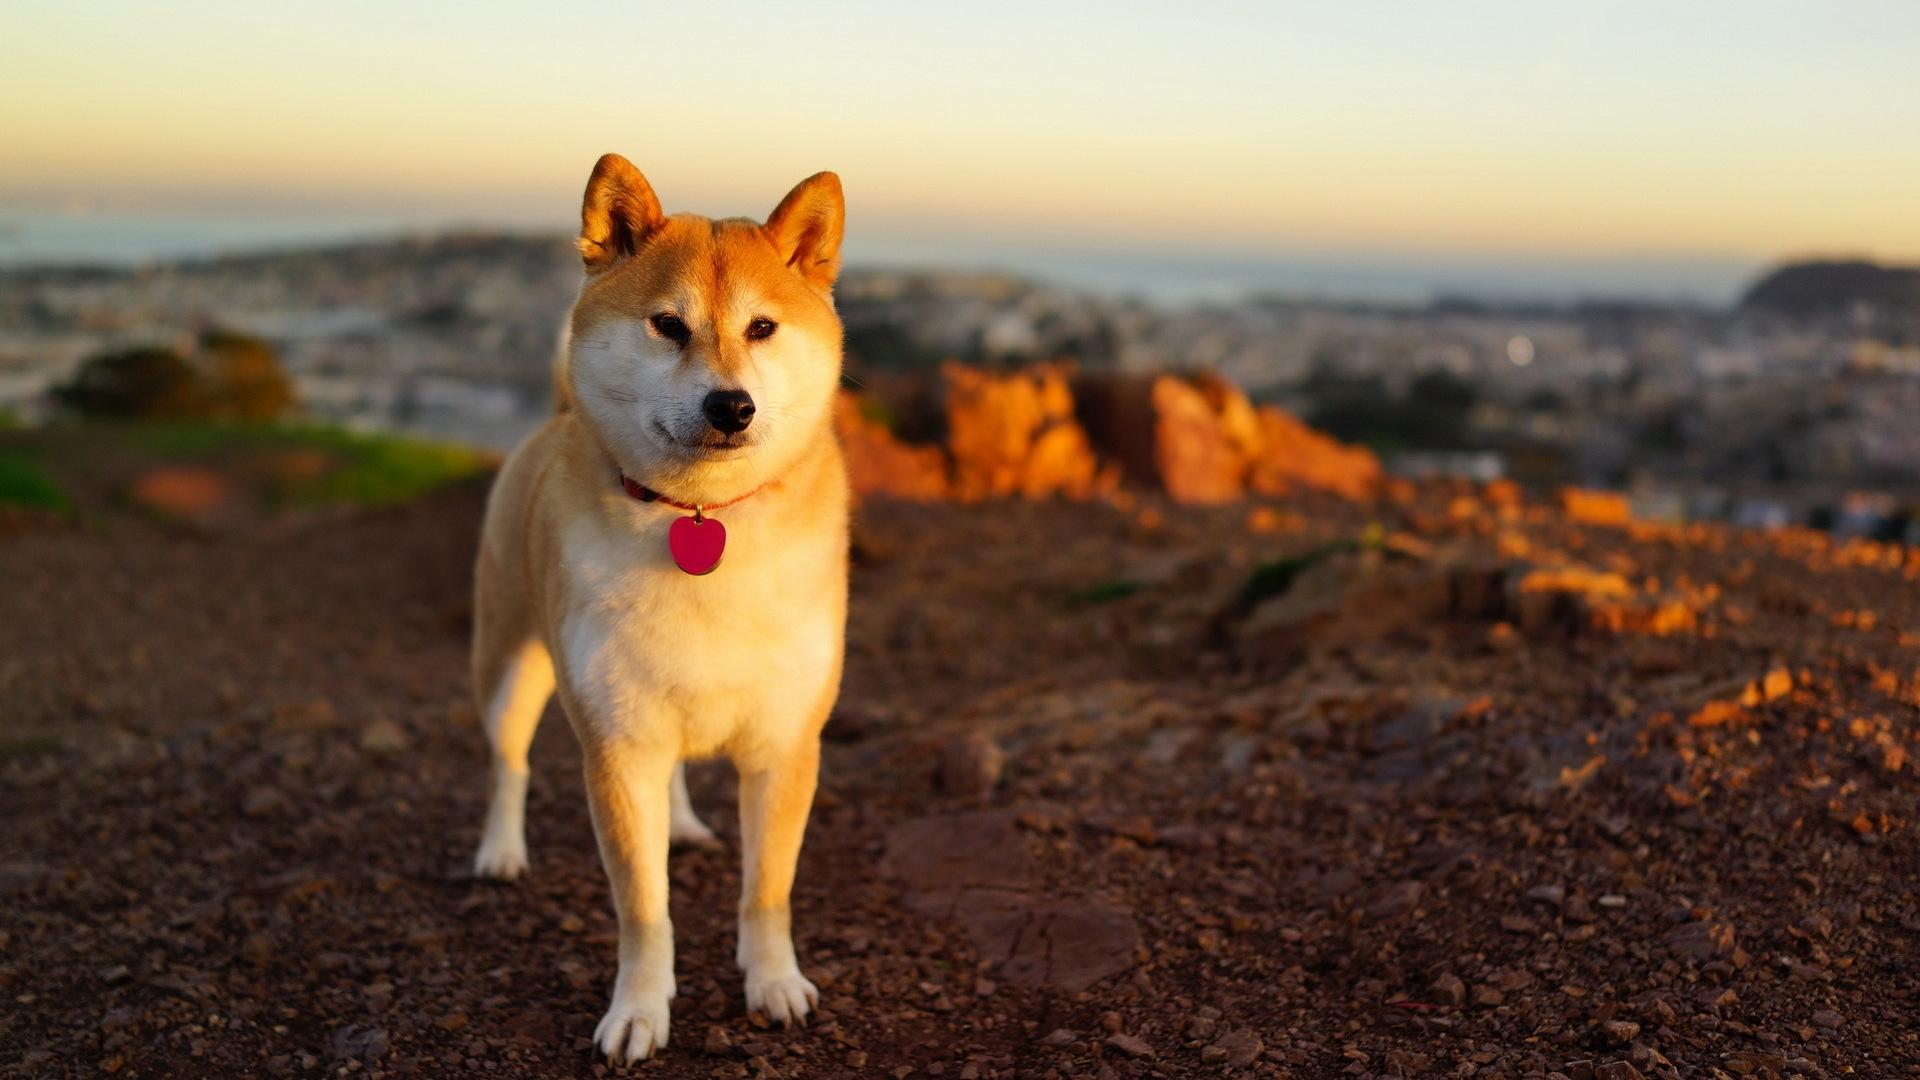 デスクトップ壁紙 草 歩く シーズン 脊椎動物 哺乳類のような犬